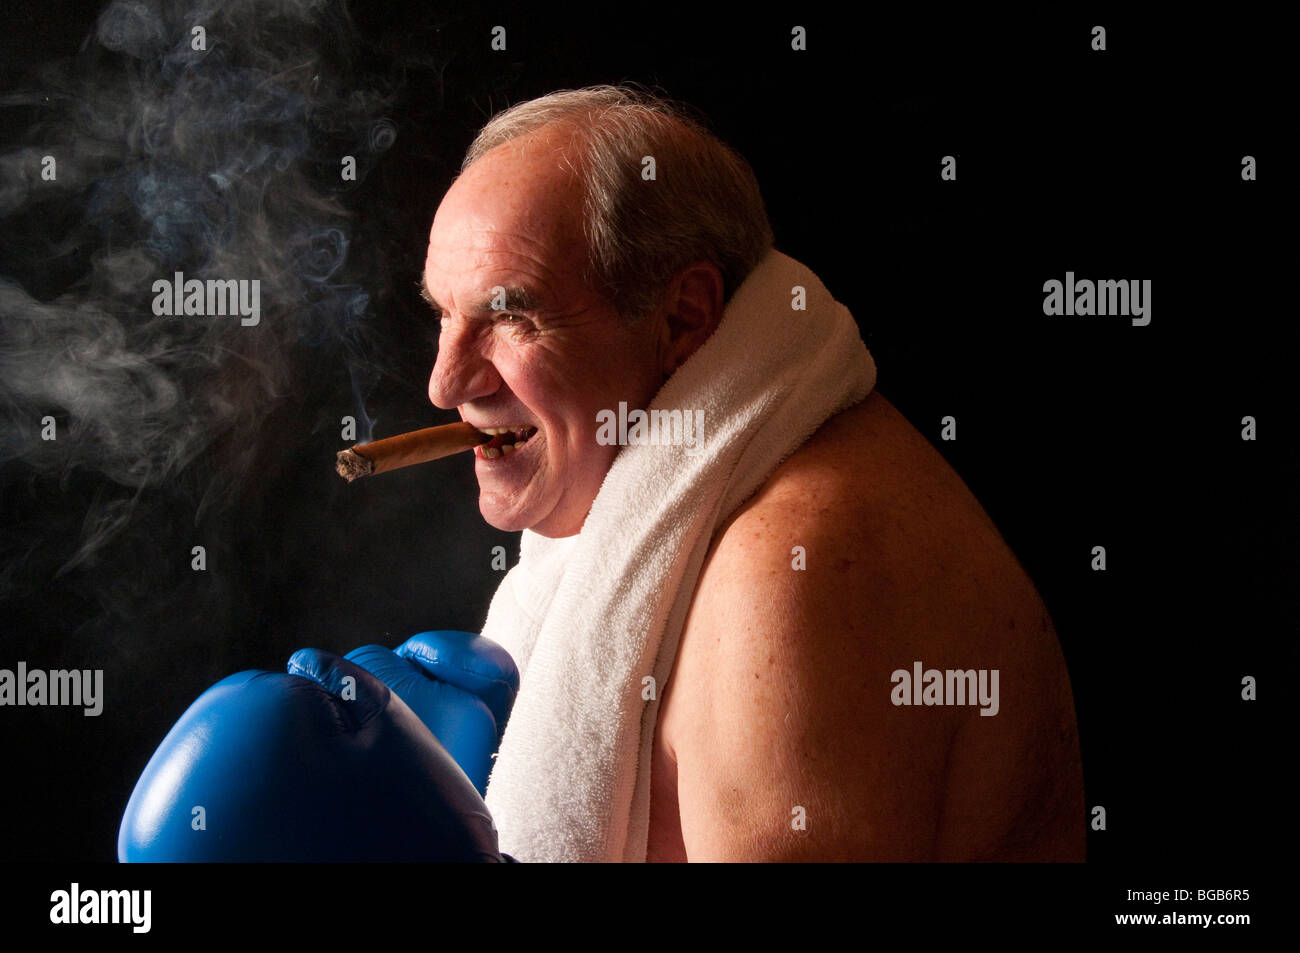 Perfil de envejecimiento boxer con cigarro y la sonrisa en la cara. Toalla alrededor de cuello azul con guantes de boxeo en posición de combate. Foto de stock